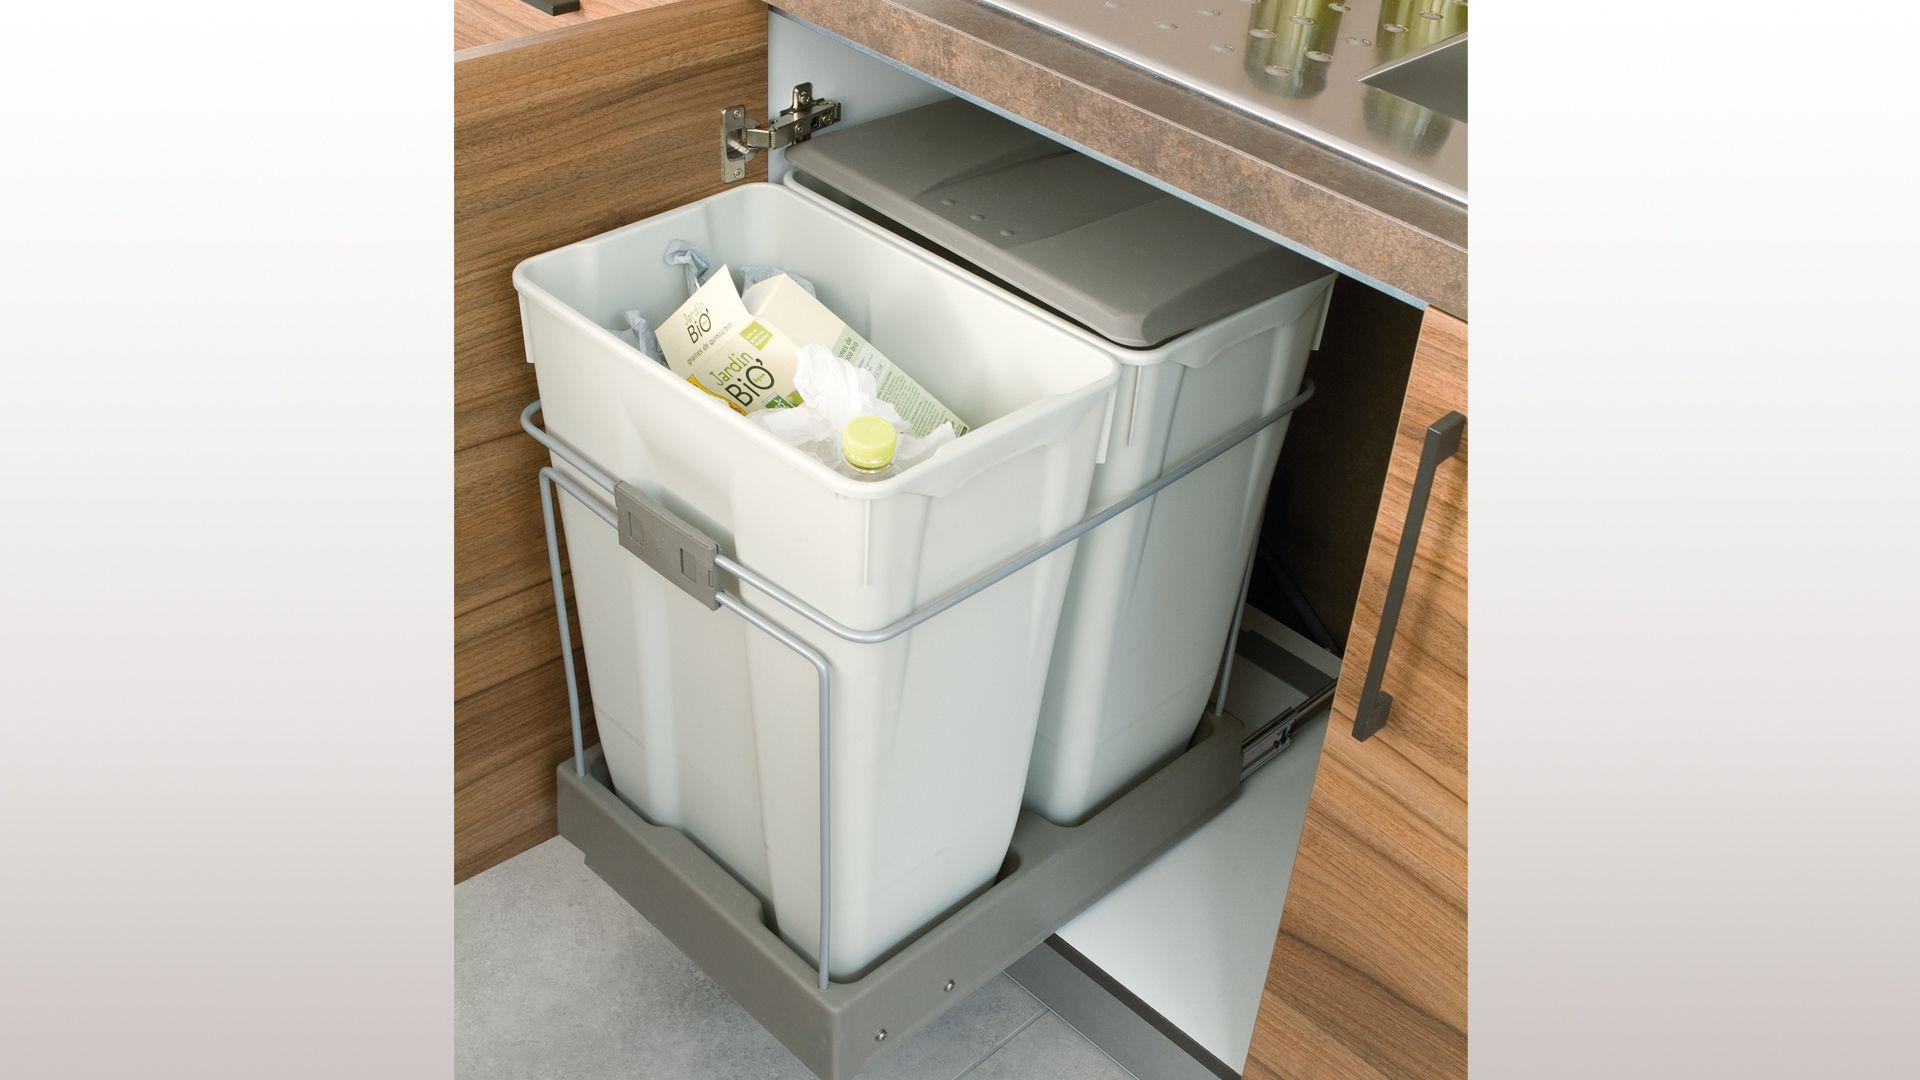 accessoires de rangement tri s lectif poubelle 2 bacs 35l organisation pinterest tri. Black Bedroom Furniture Sets. Home Design Ideas